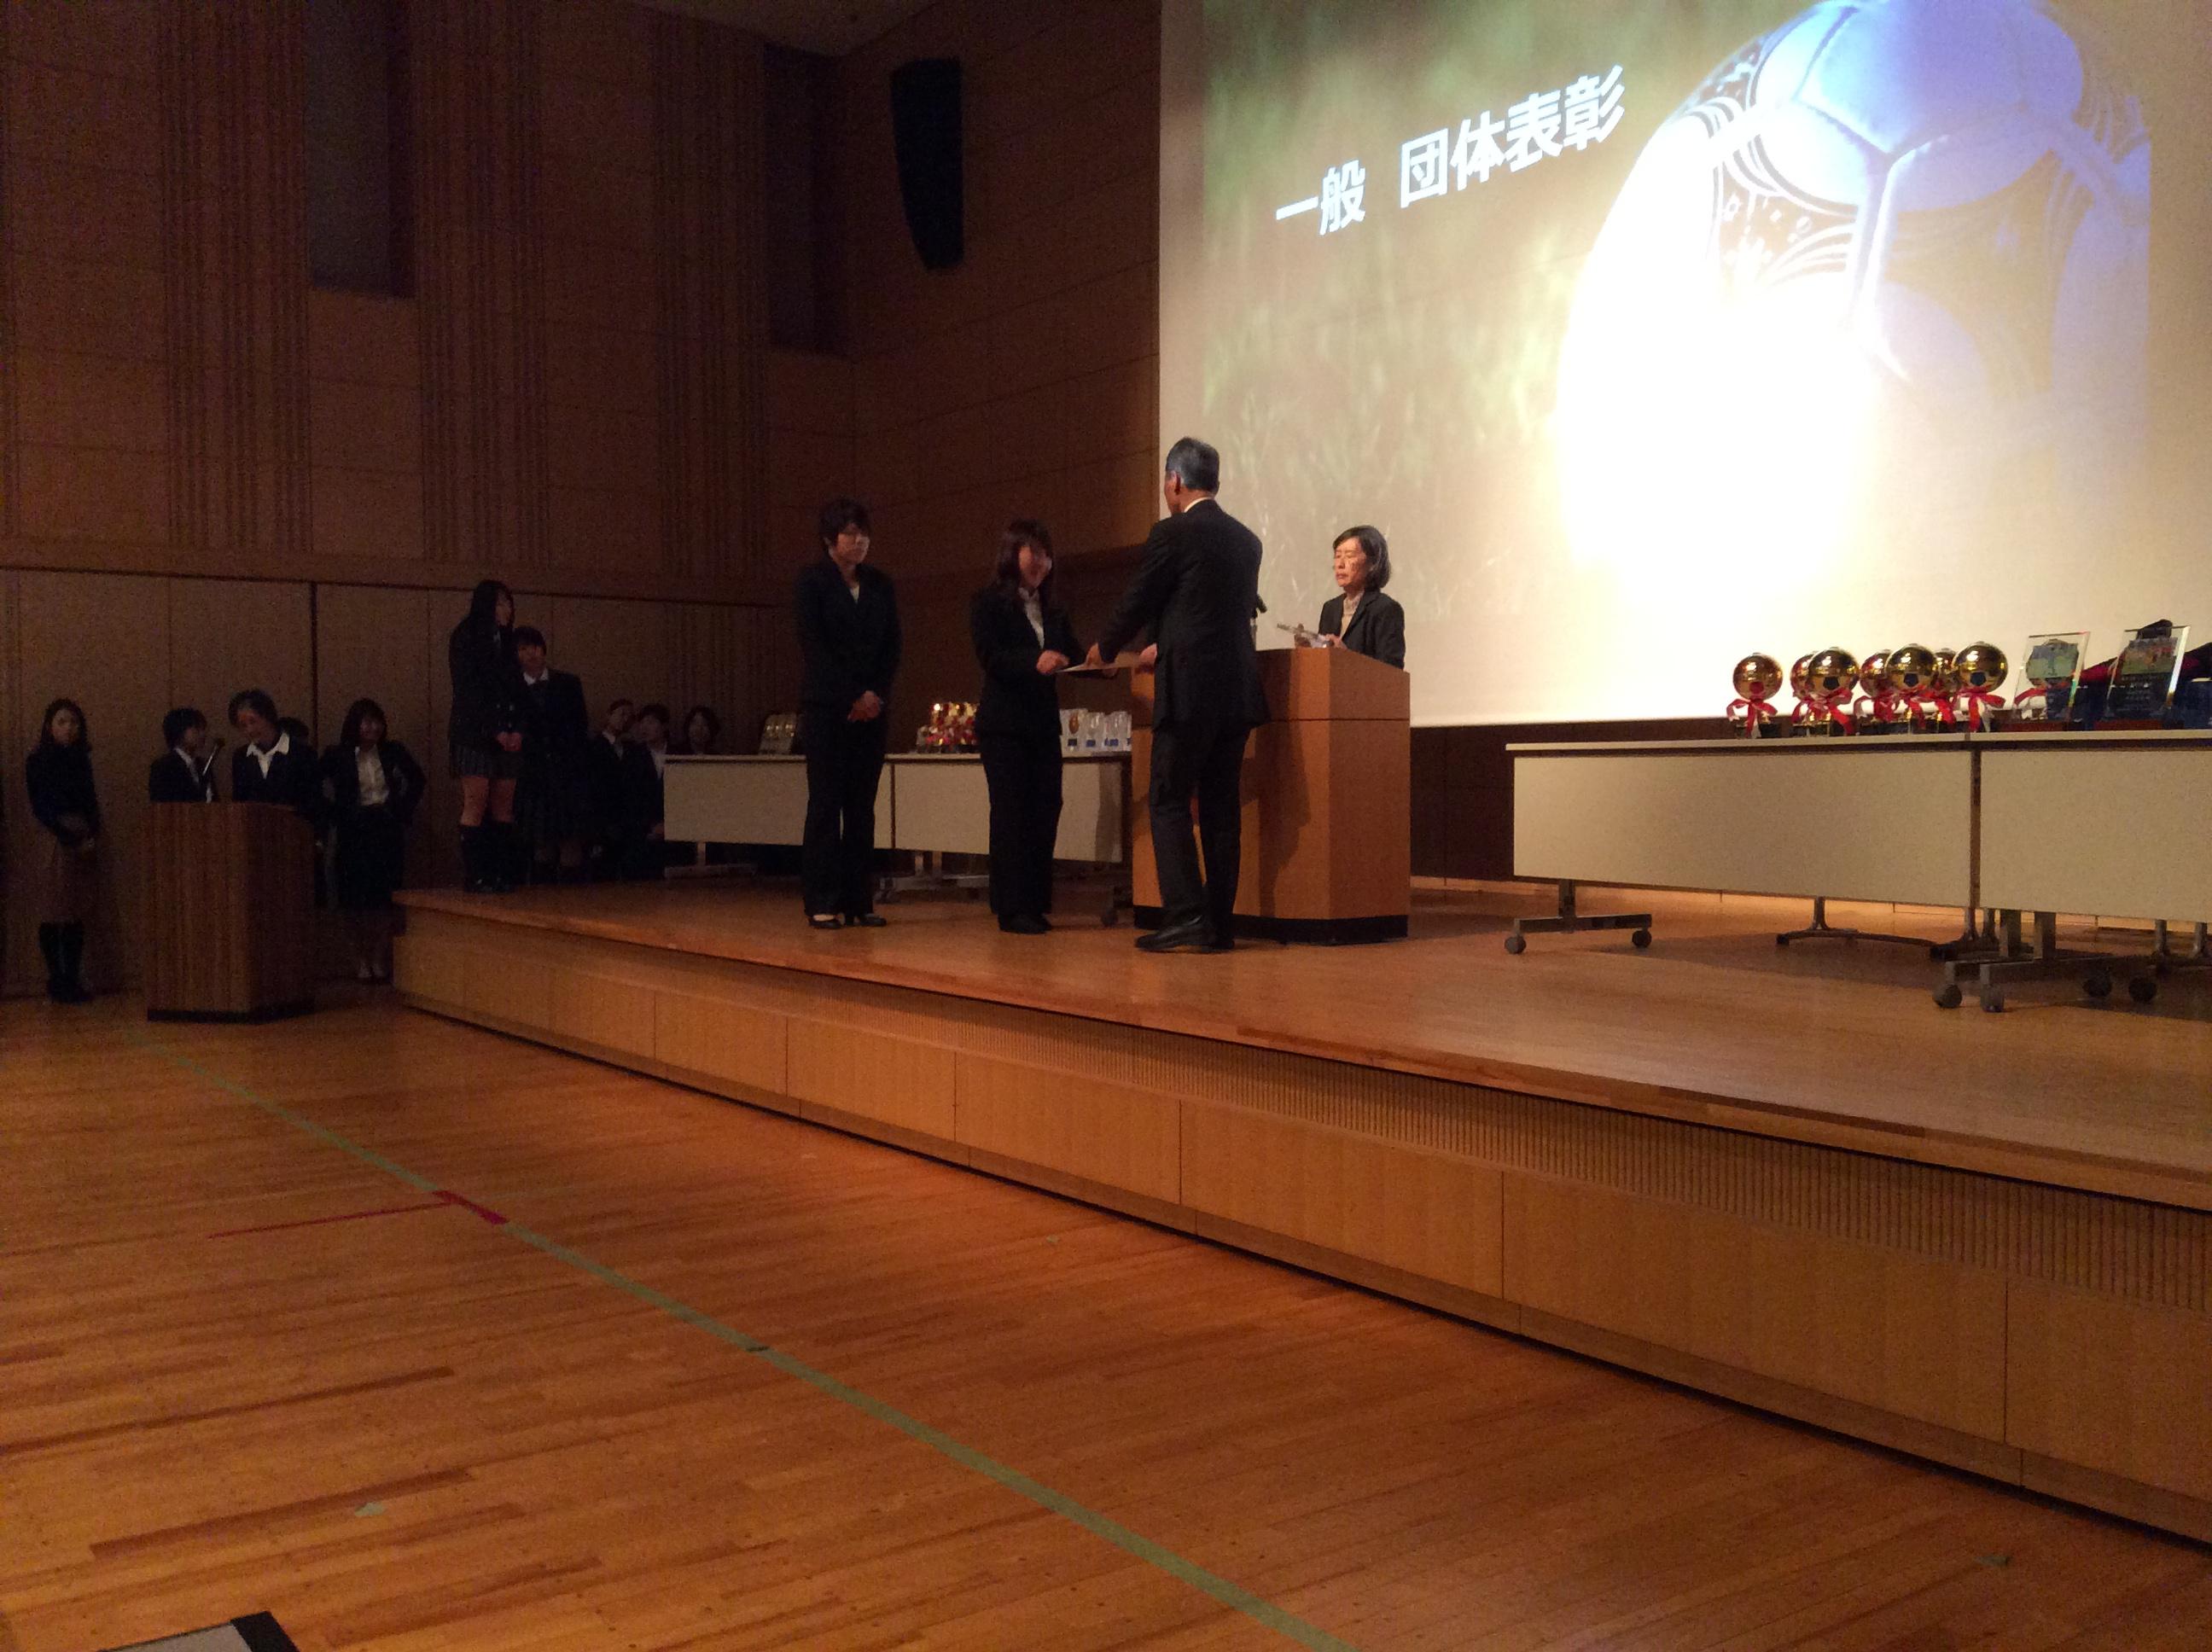 壇上で表彰を受ける廣田